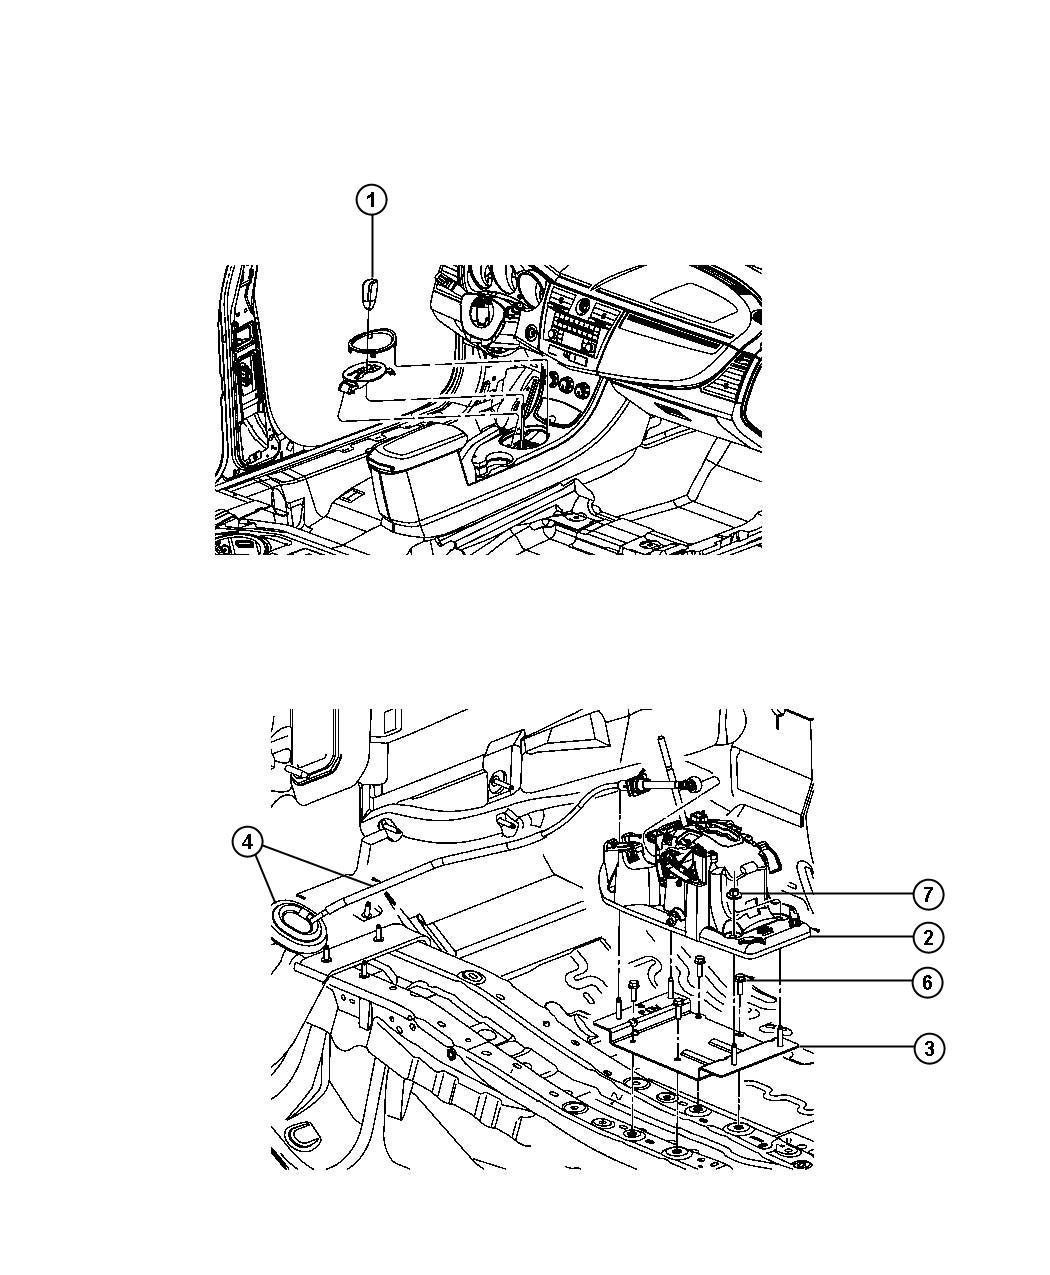 2008 Chrysler Sebring Shifter. Transmission. Autostick